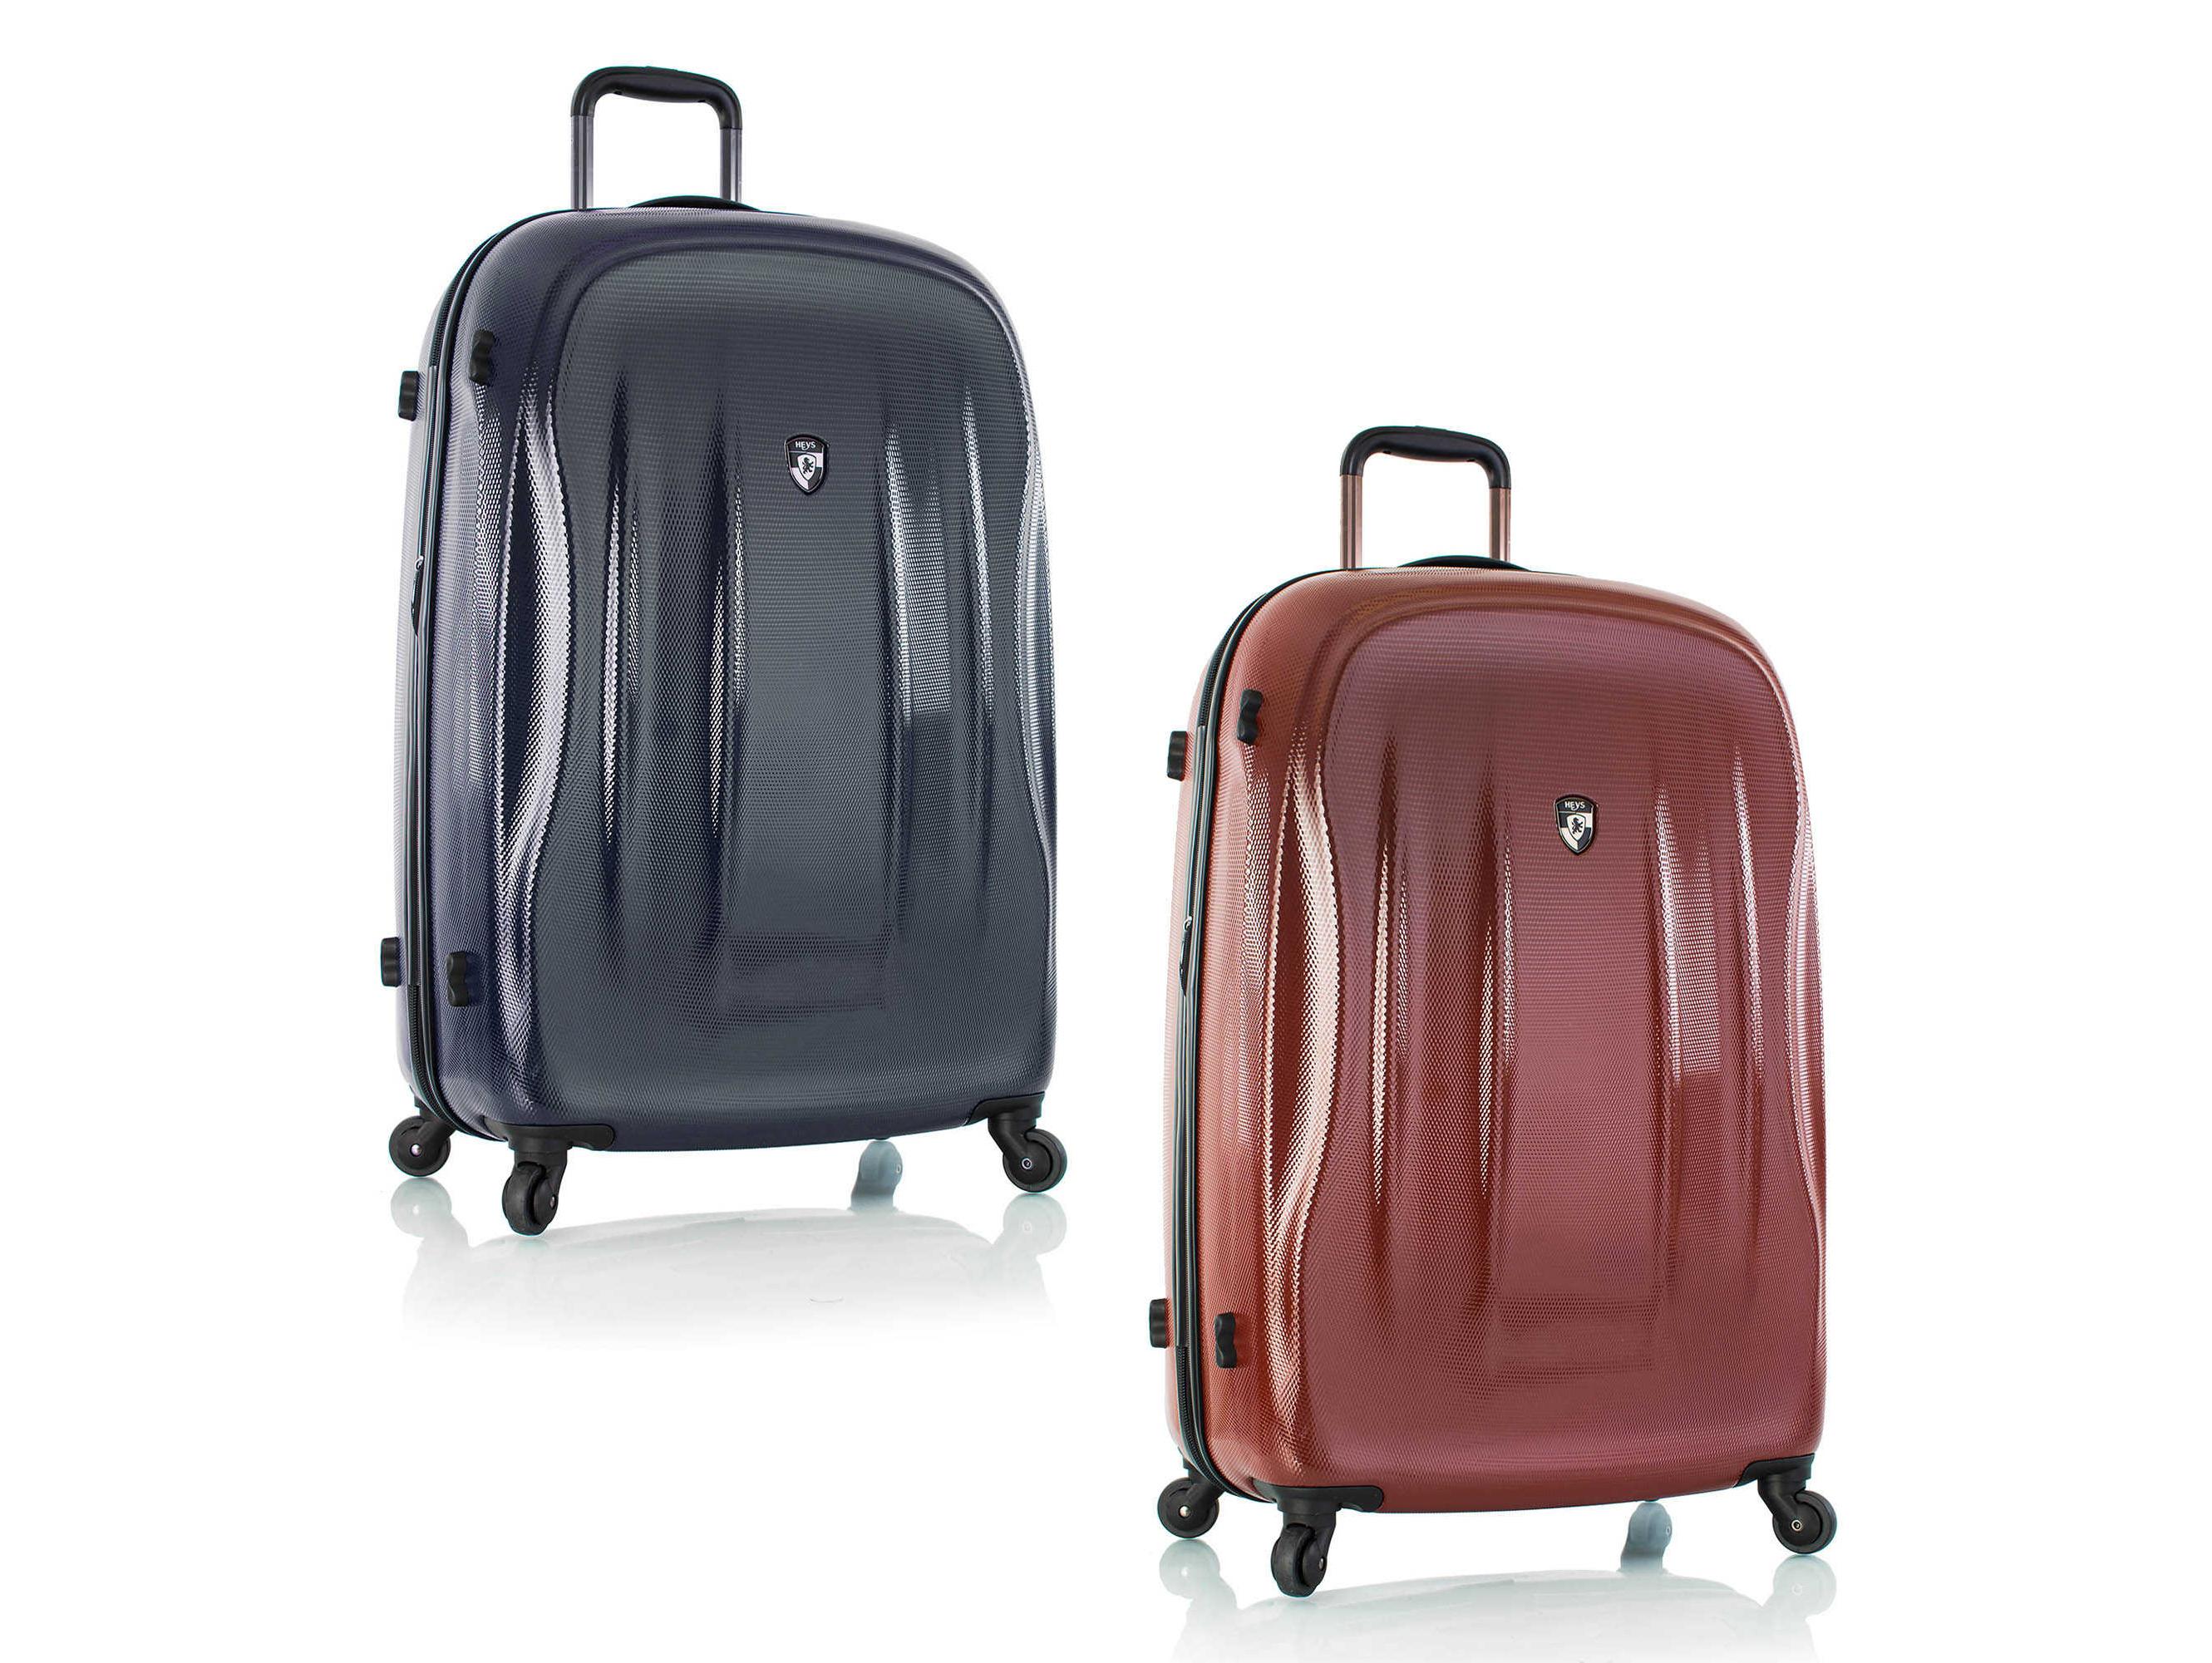 heys suitcases